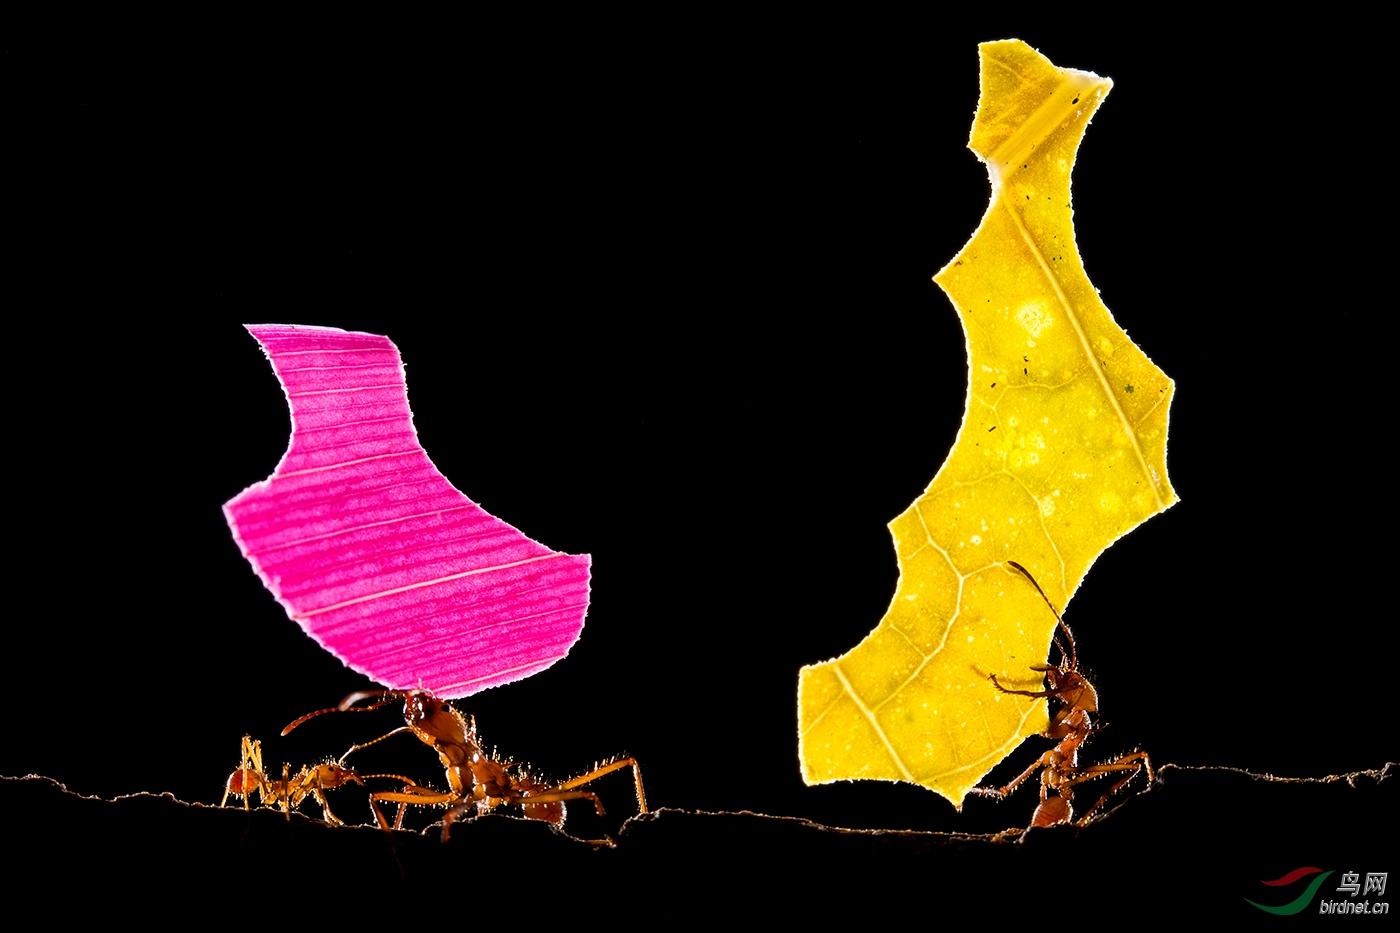 紫黄色wxyPictorial_Fragments.jpg